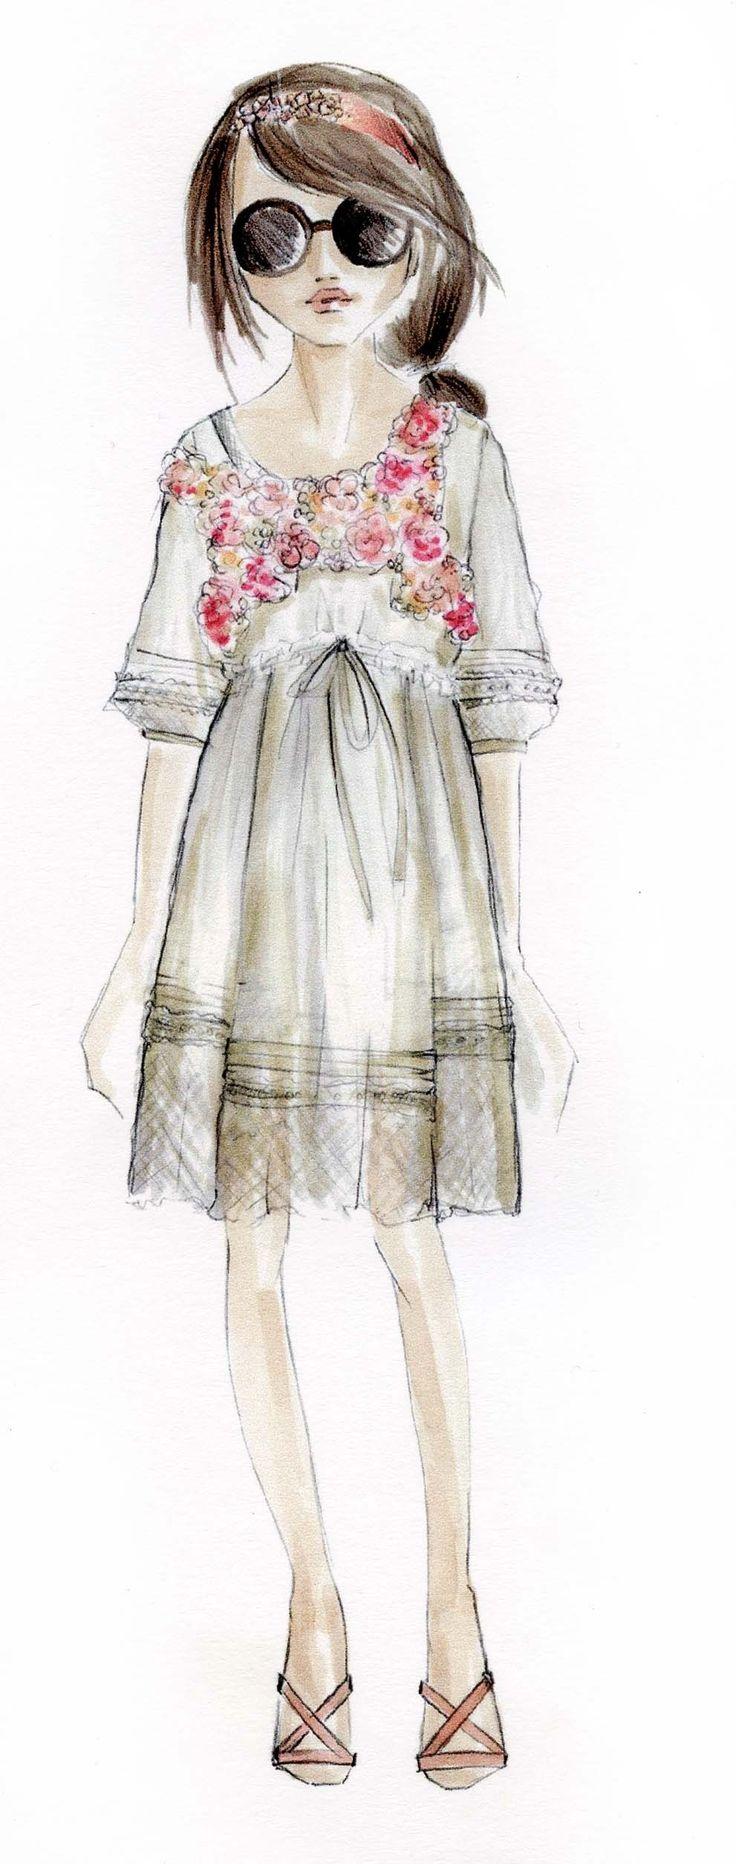 Fashion illustration for kids 91